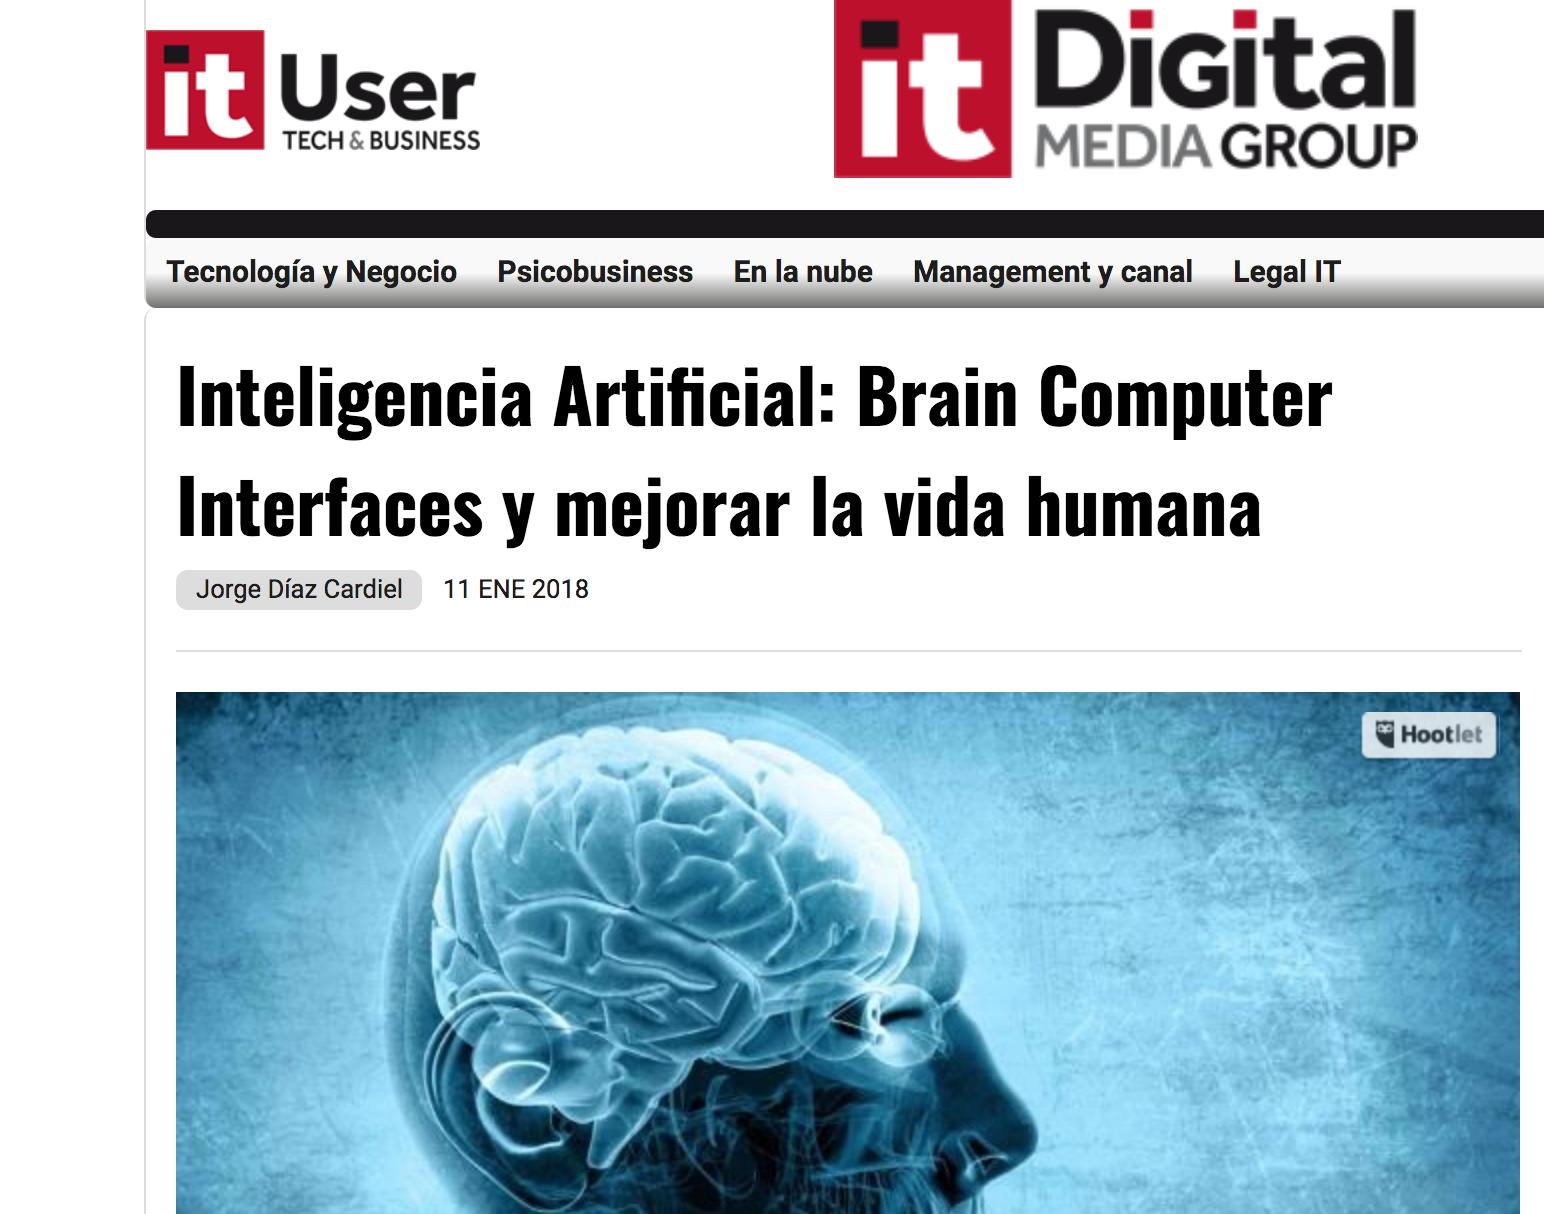 Artículo de Jorge Díaz-Cardiel en IT User